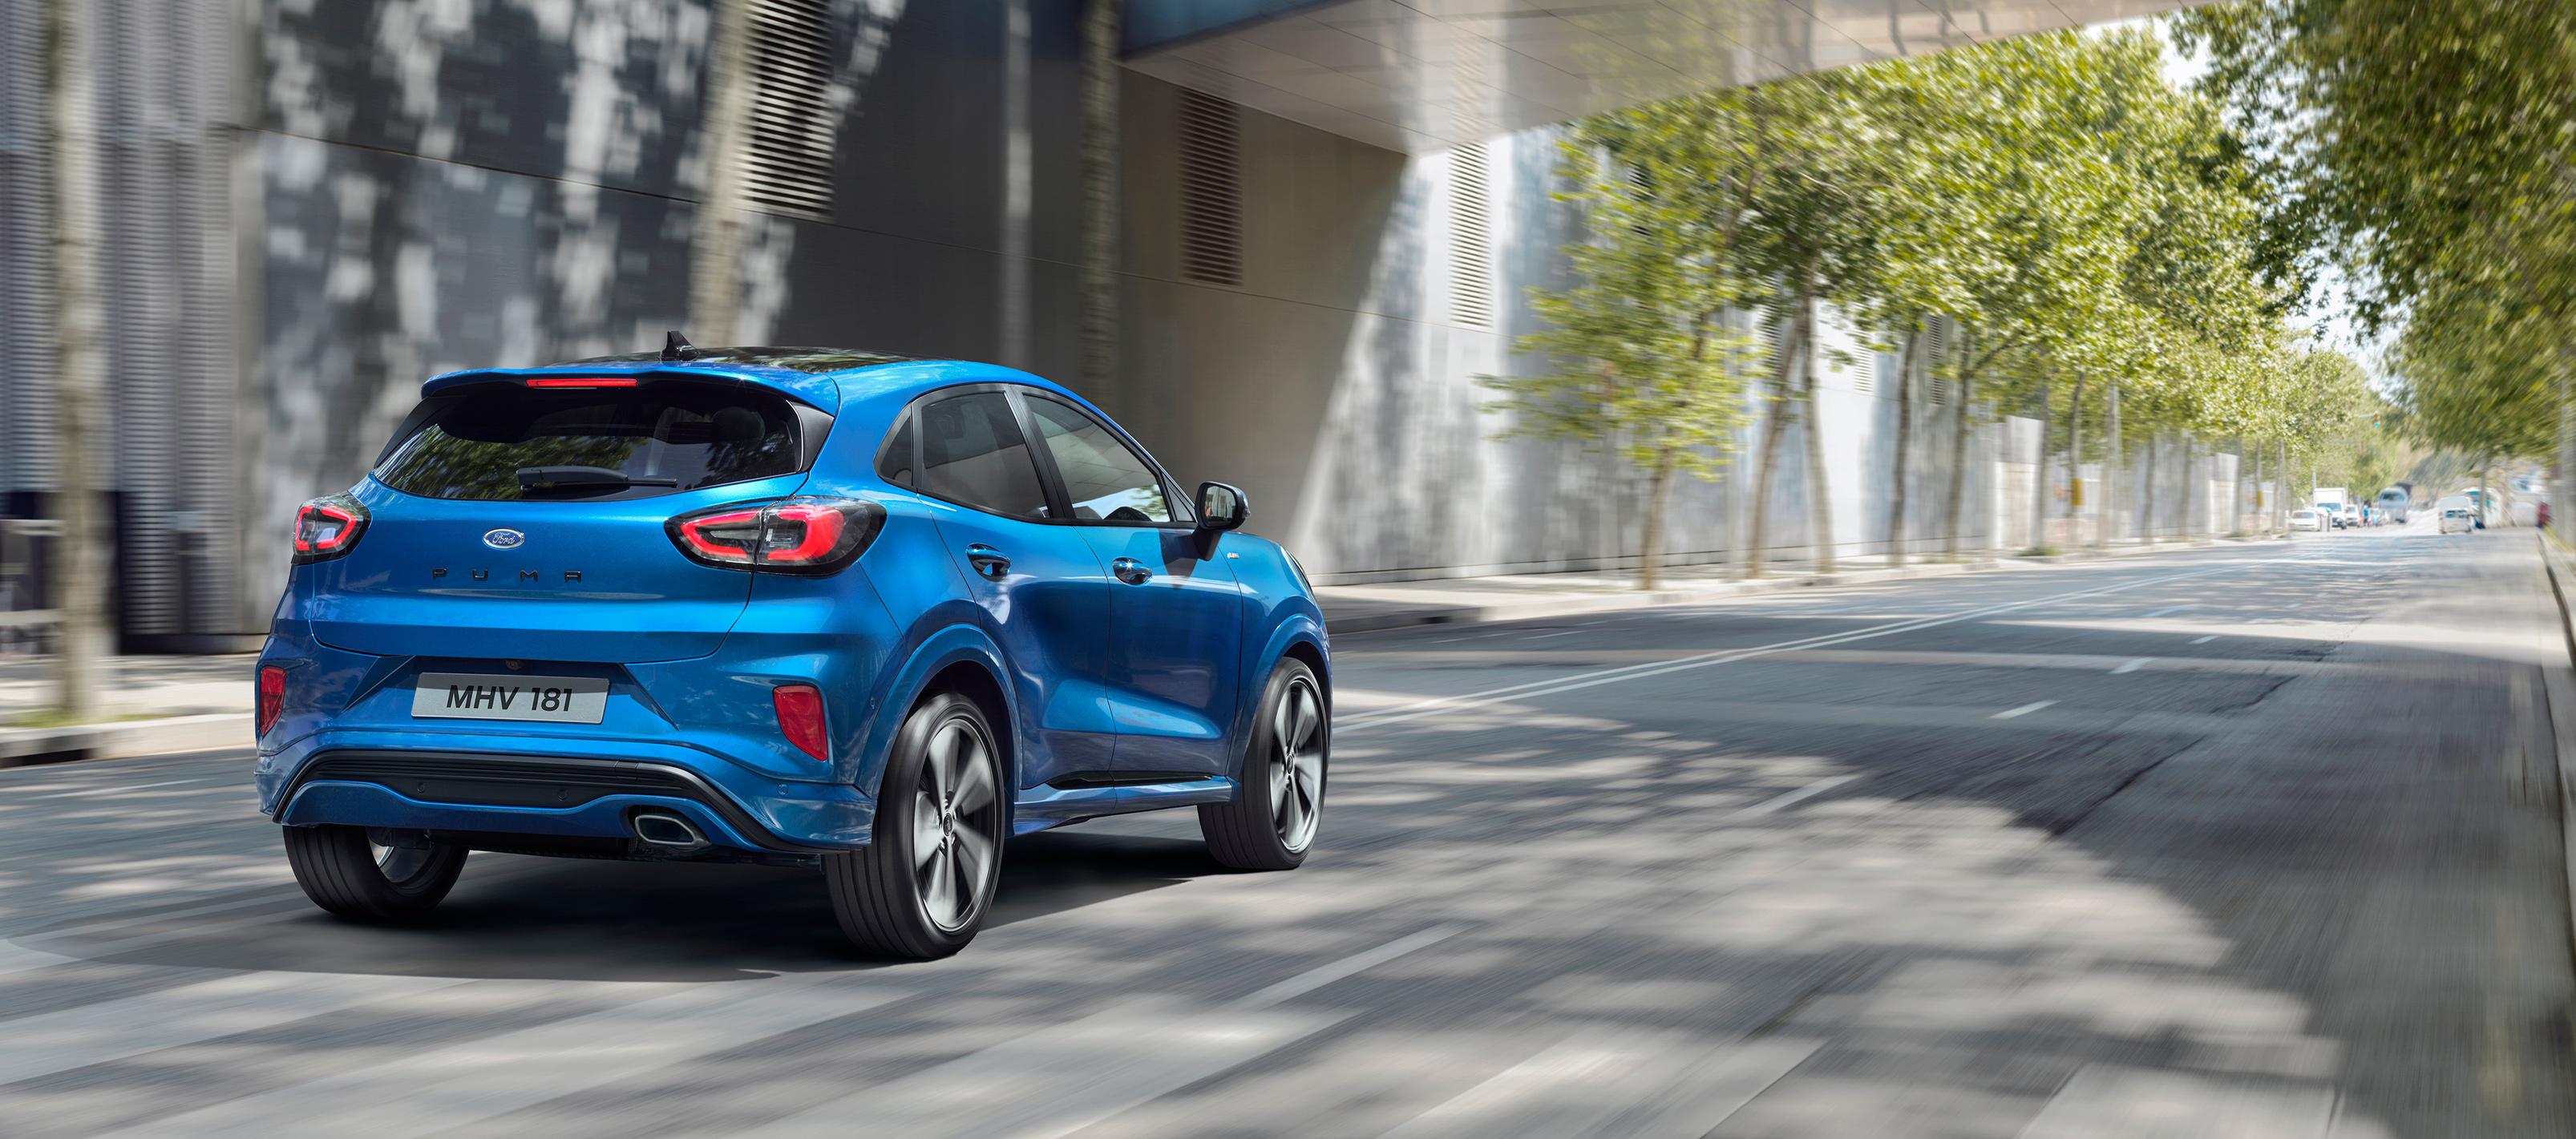 Nuevo Ford Puma ahora con tecnología Mild-Hybrid